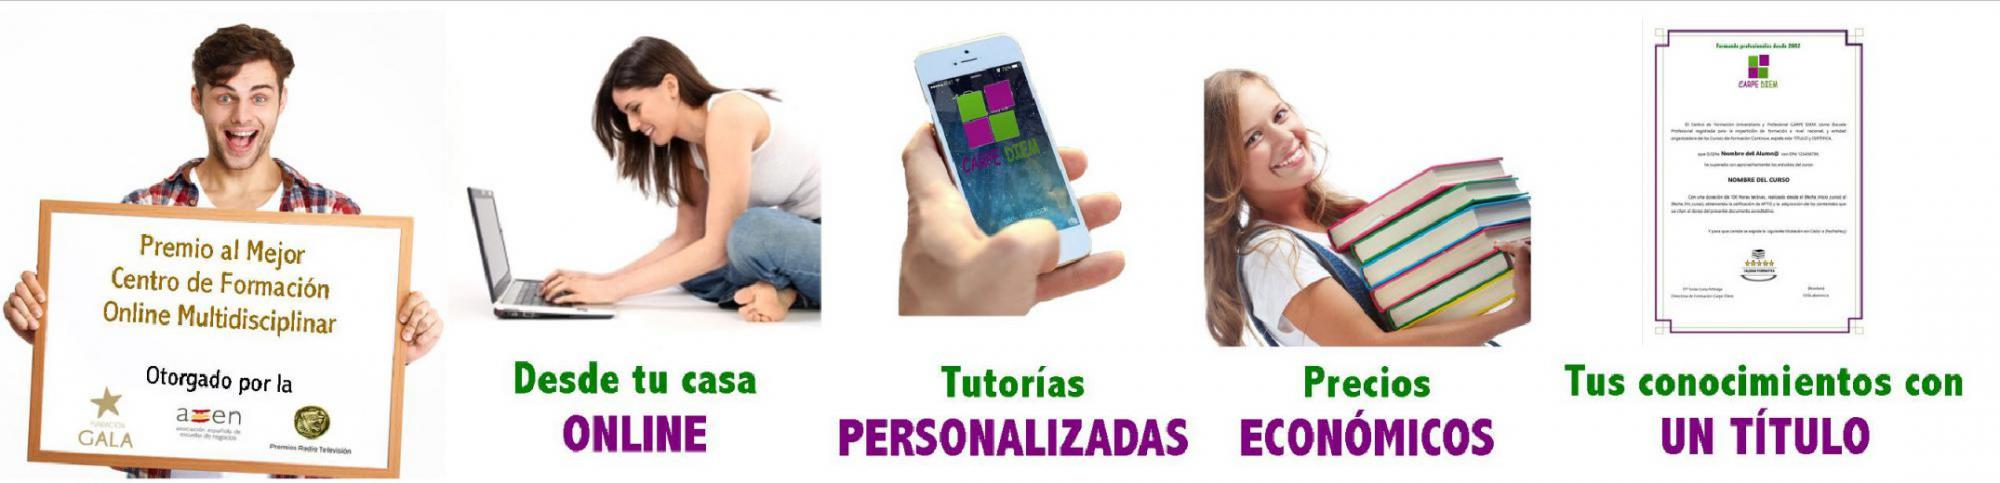 Cursos Online - Cursos Profesionales desde casa